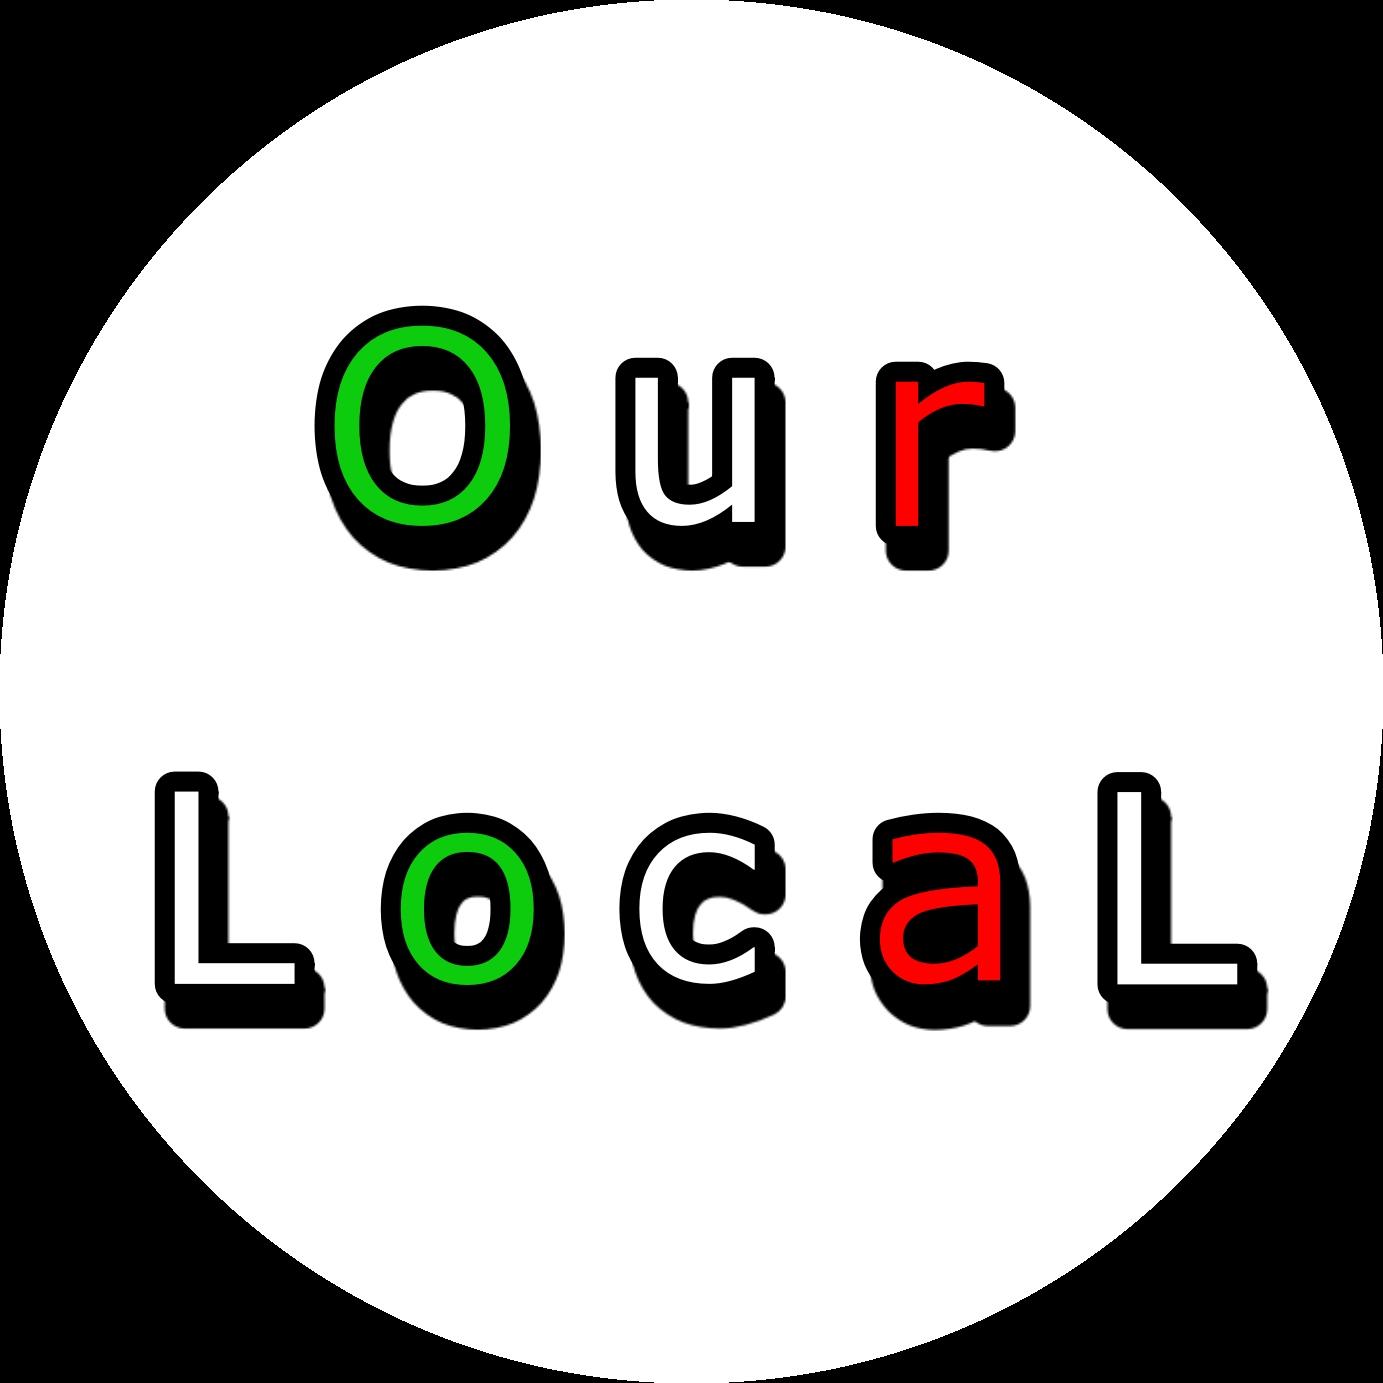 ゆるゆる地方研究メディア|Our Local